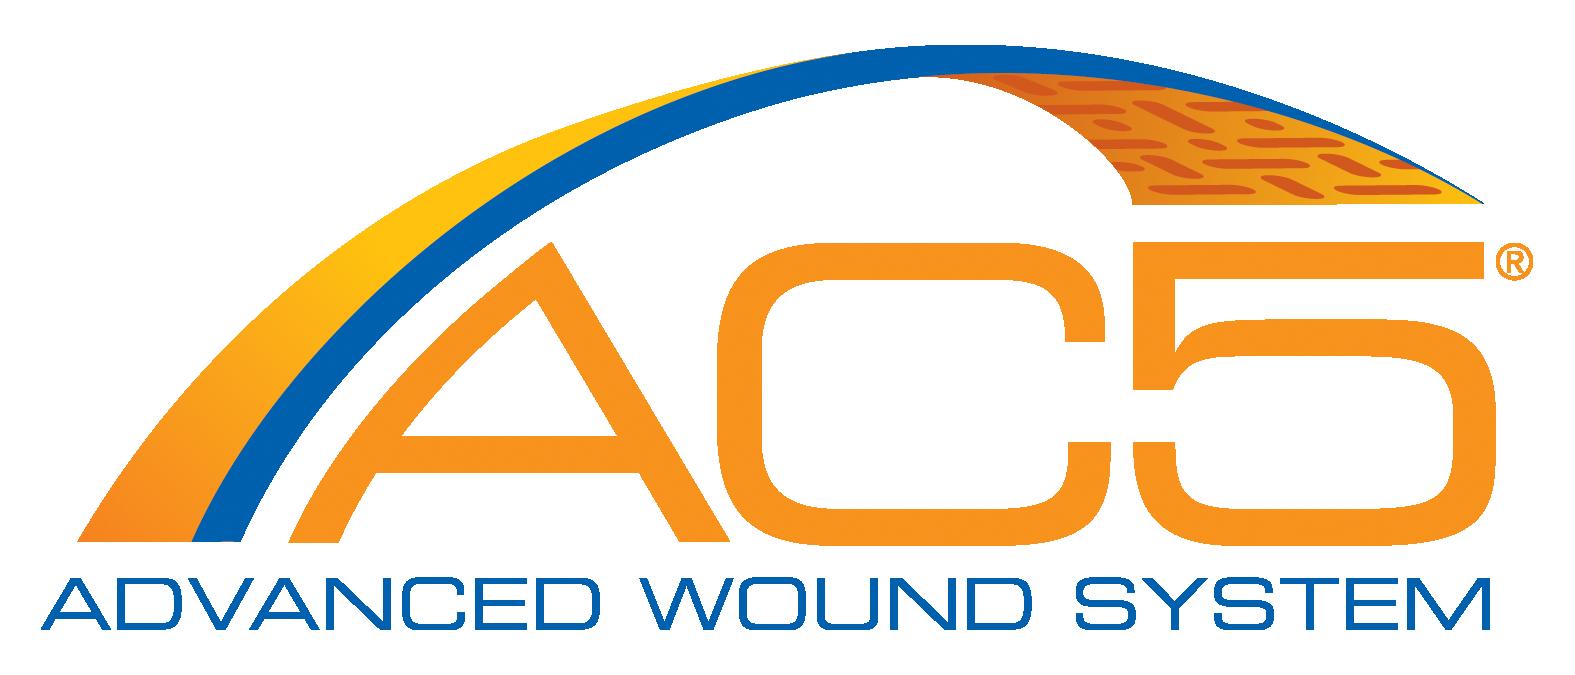 AC5 Advanced Wound System logo